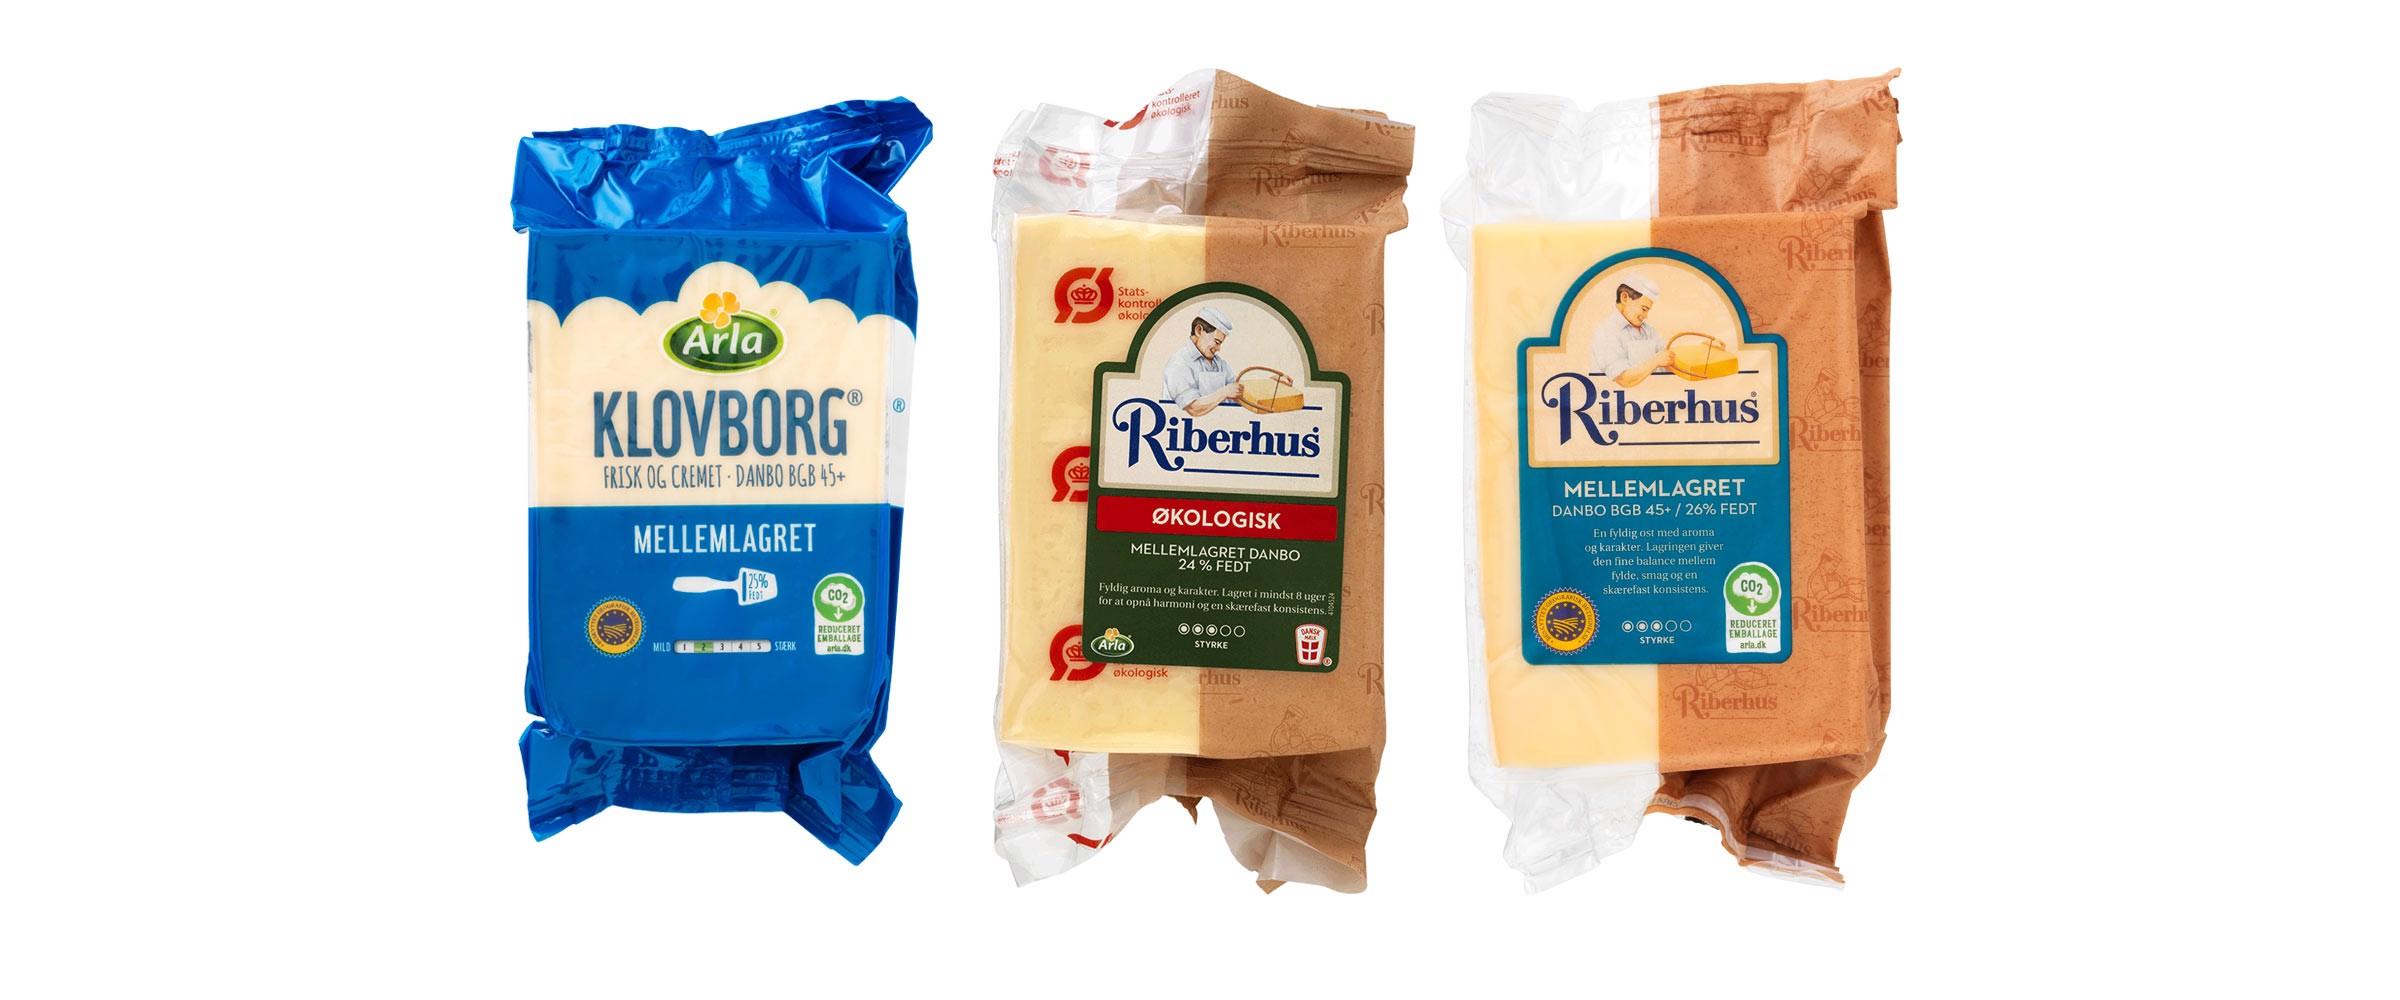 21,5 millioner oste får mere klimavenlig emballage